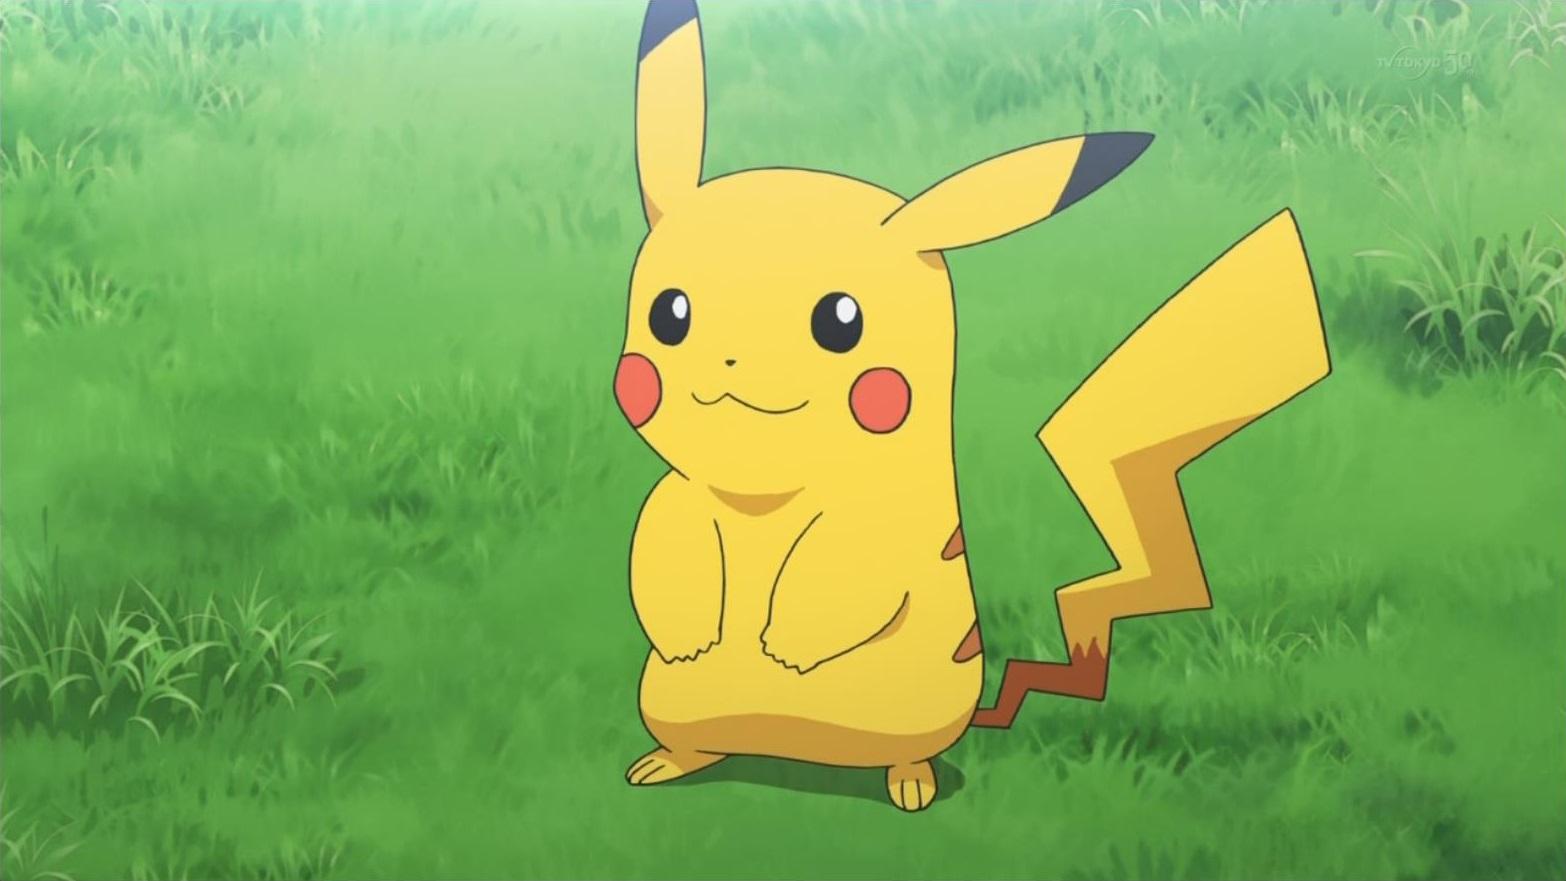 Red Pikachu PO